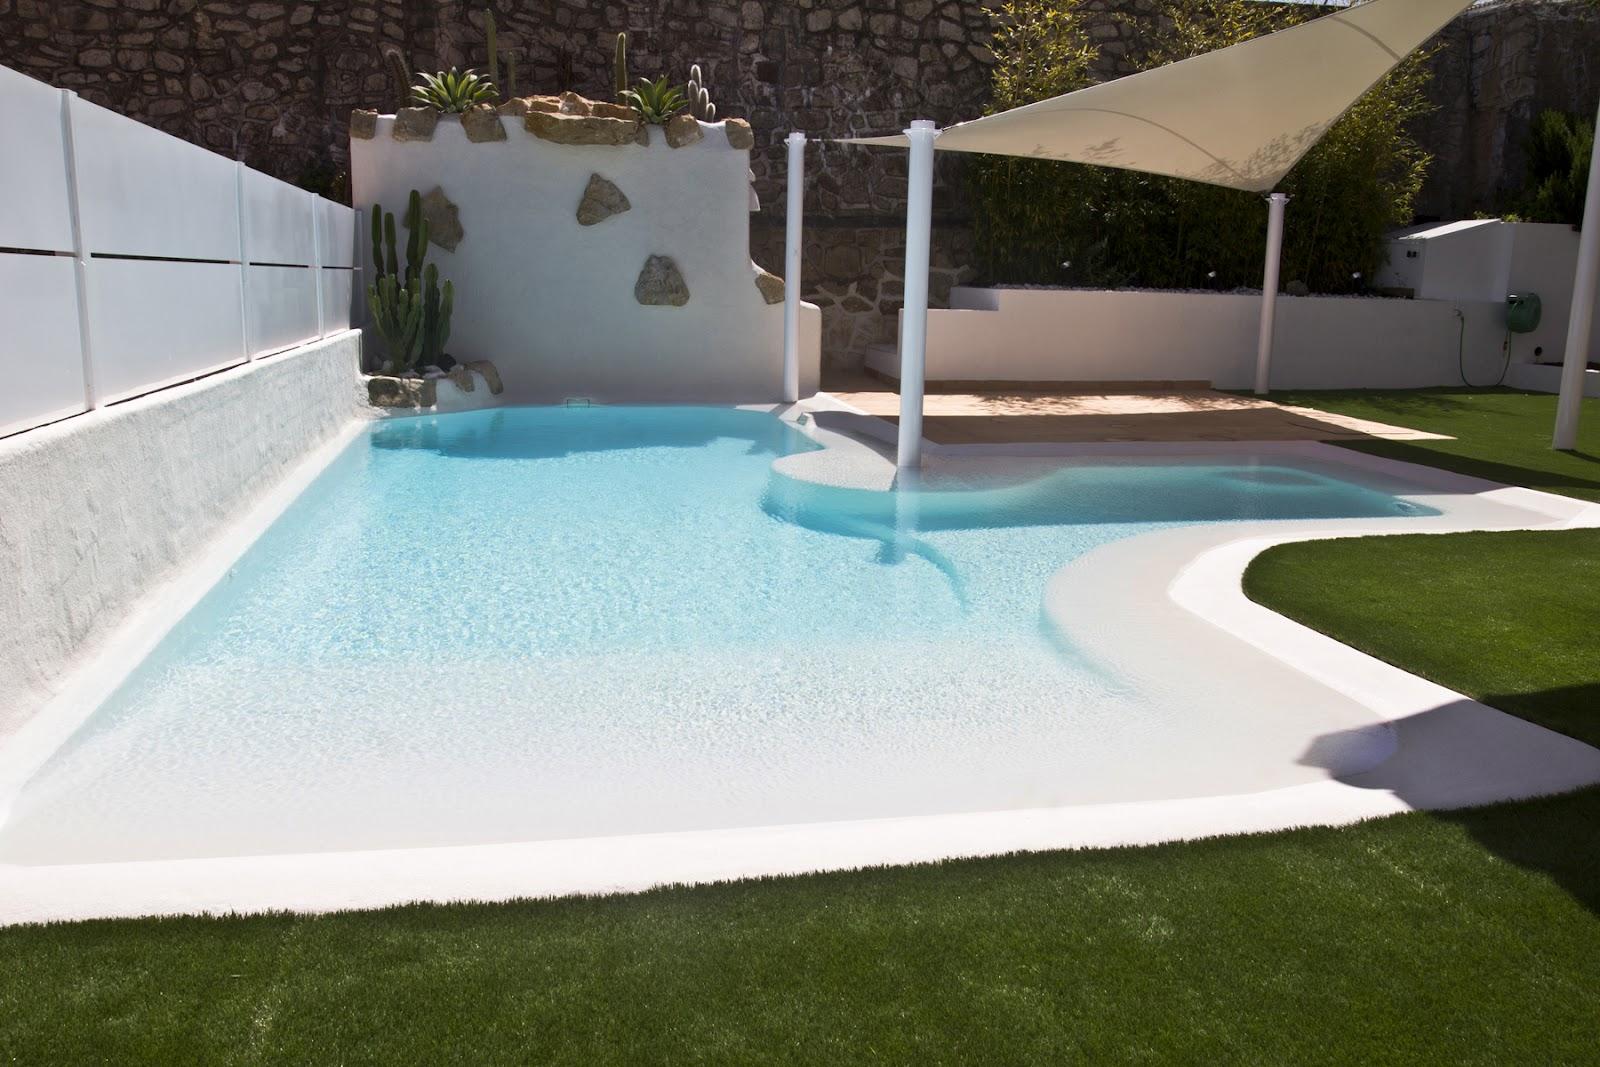 Piscina de arenas tropicales en color coral lucas gunitec for Piscinas con gresite blanco